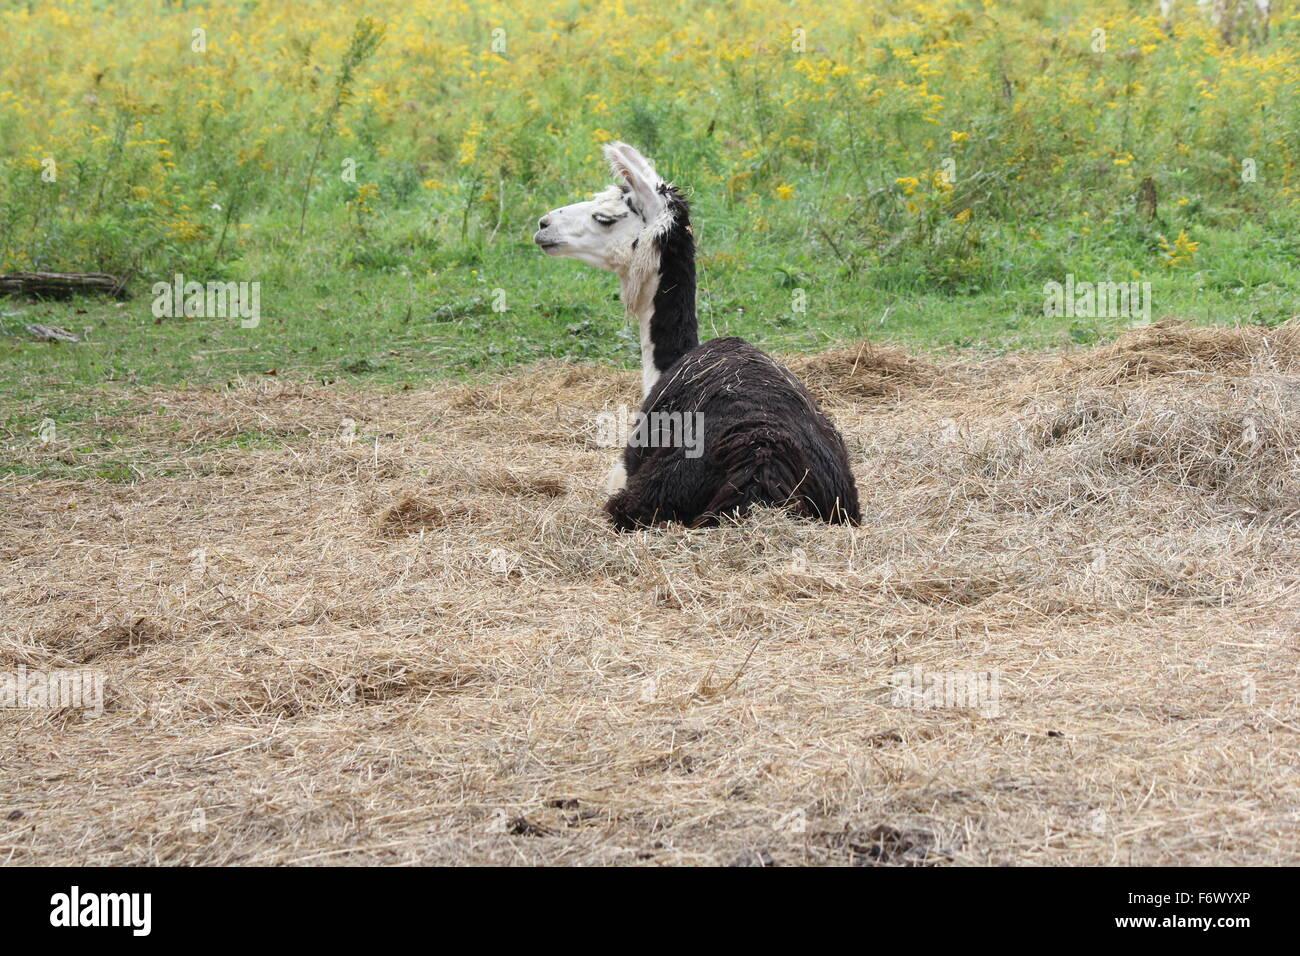 Llama su una piccola fattoria hobby, posa in un mucchio di paglia. La lama è un addomesticati South American Immagini Stock